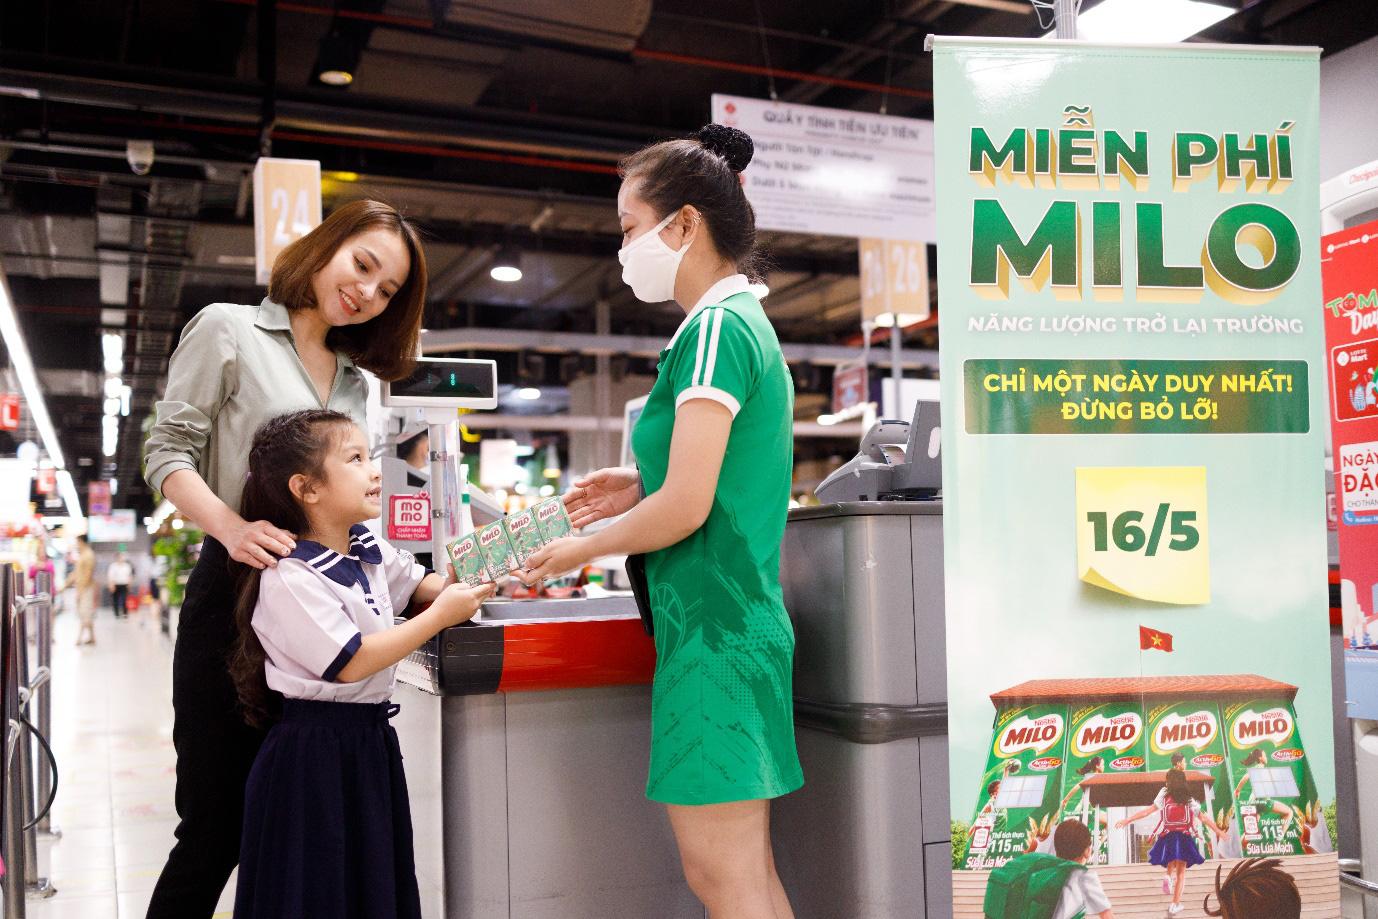 """MILO tặng 2 triệu hộp sữa tiếp thêm năng lượng cho trẻ hào hứng """"back to school"""" - Ảnh 3."""